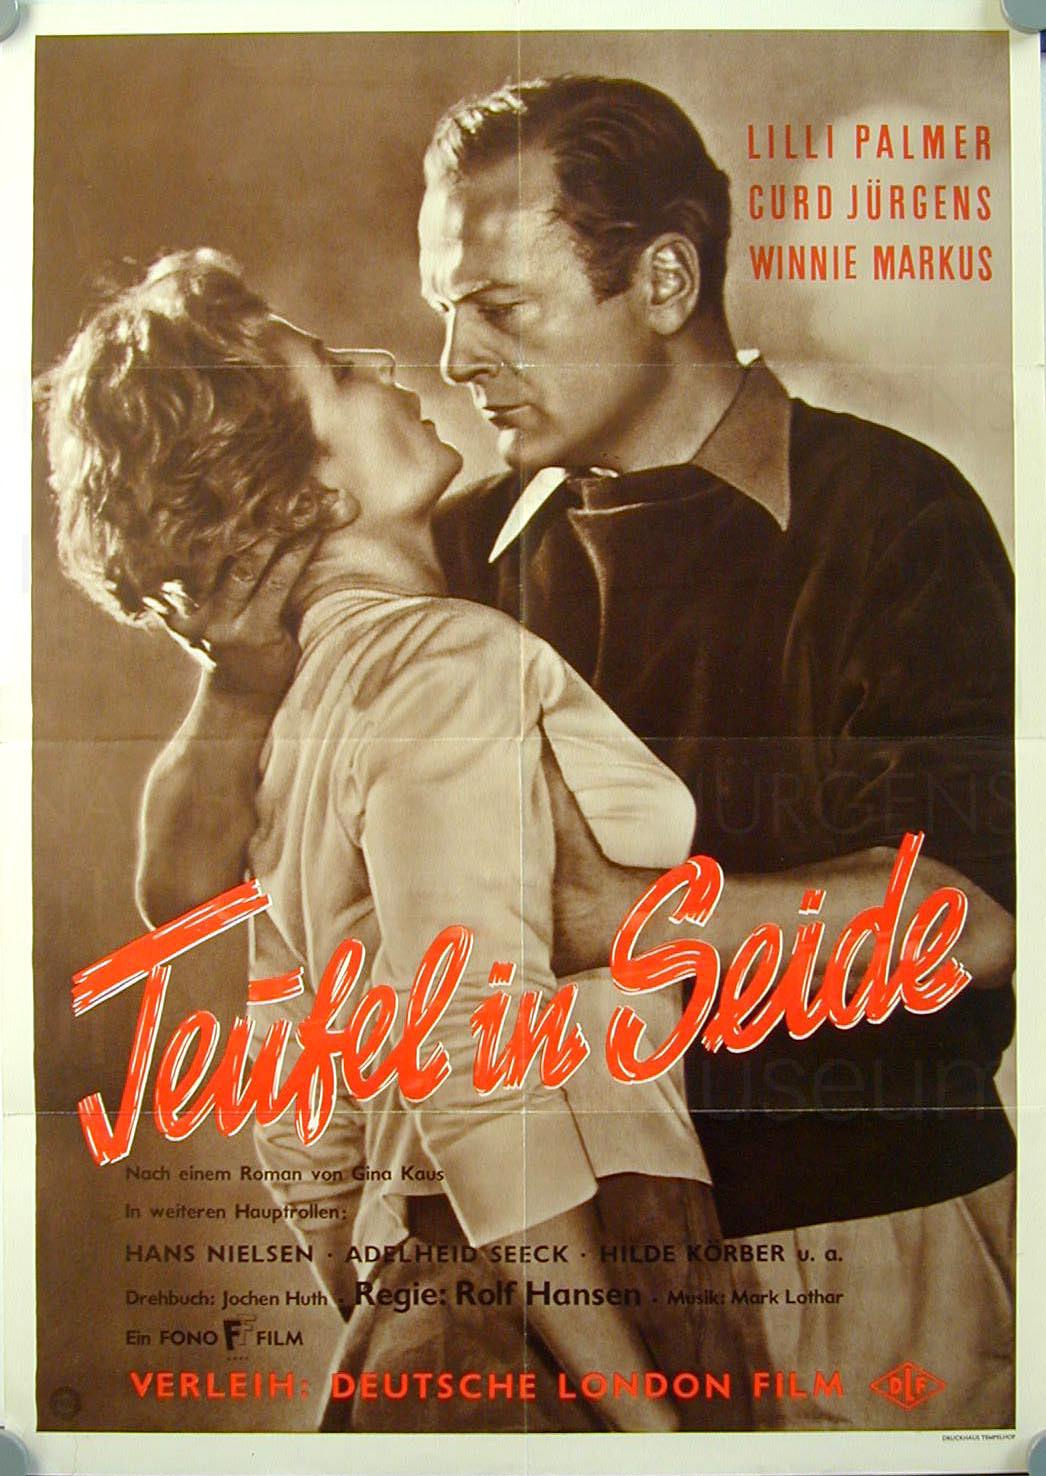 TEUFEL IN SEIDE (1956)